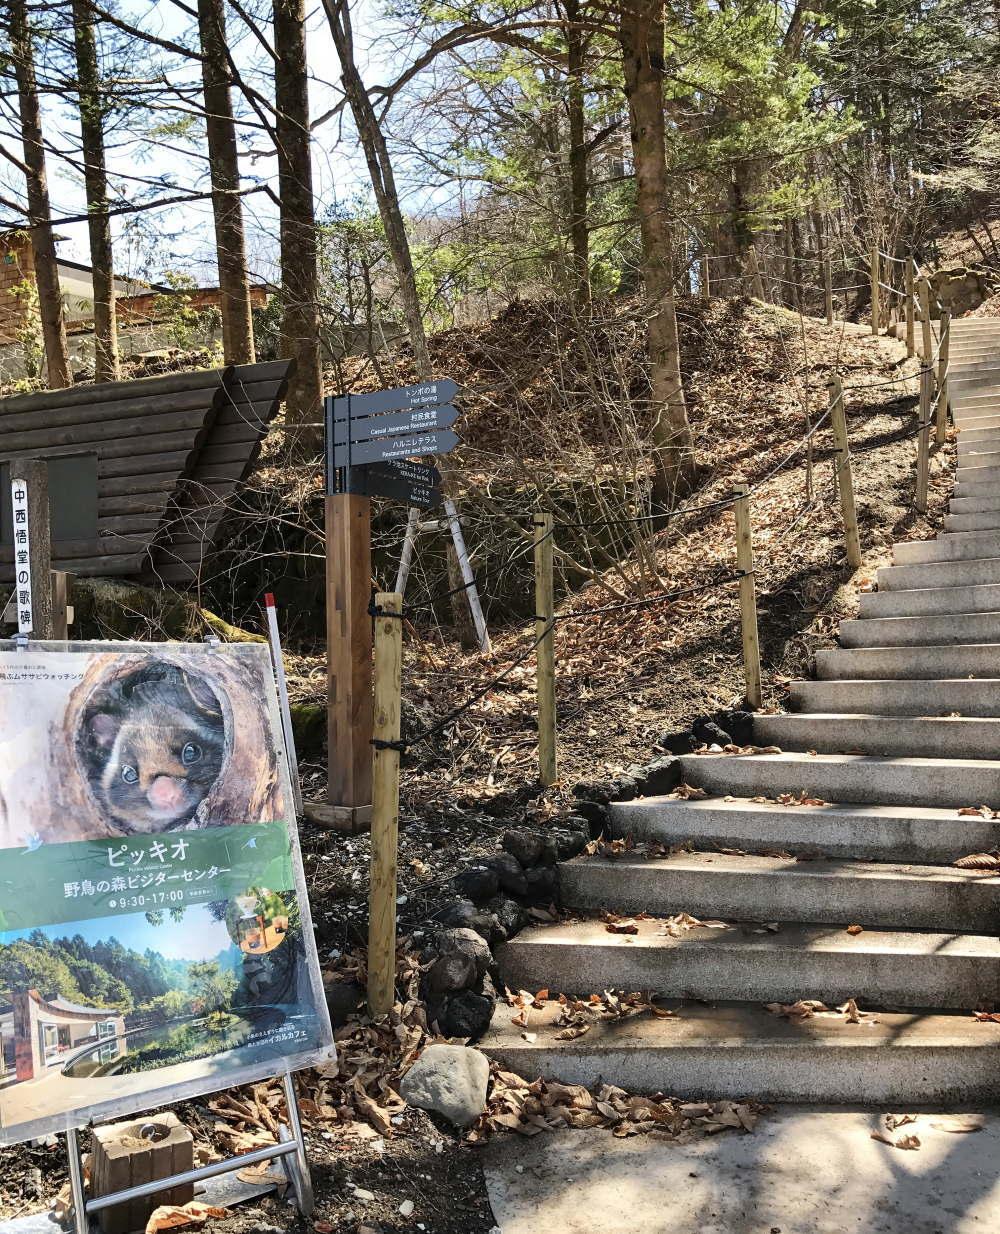 軽井沢 星野リゾート ピッキオへの階段